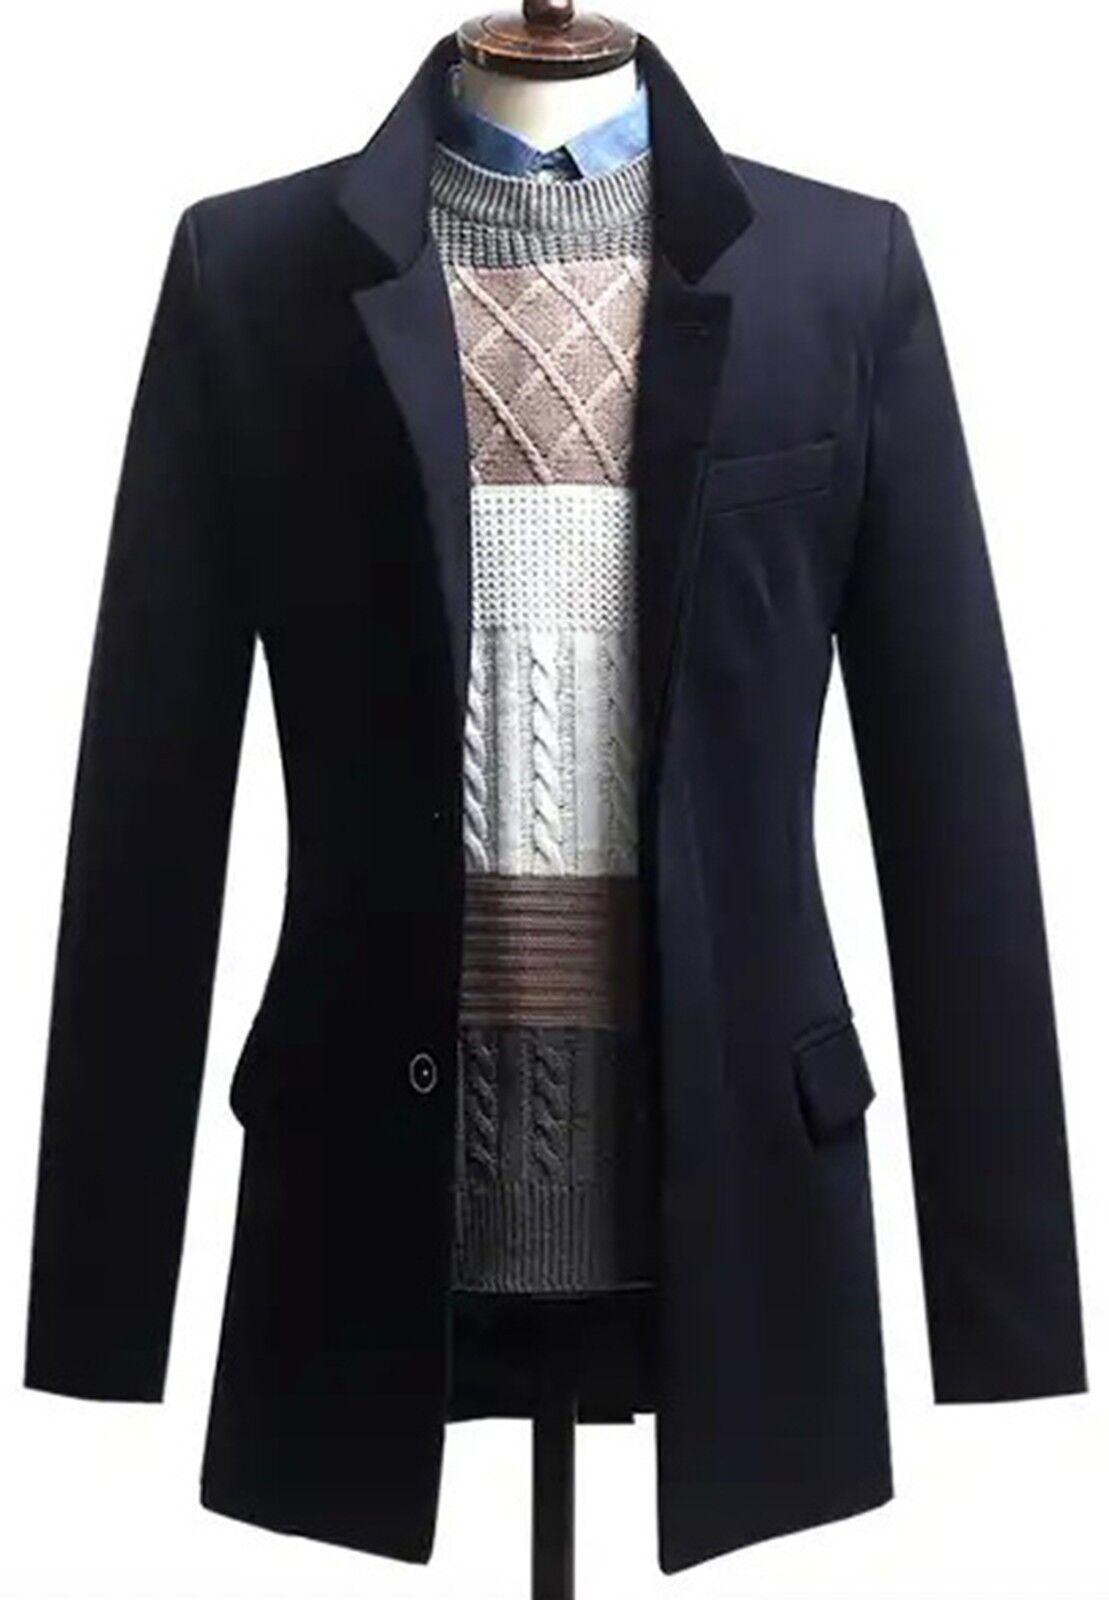 VINTAGE Uomo'S cuoio Festival nero di cuoio Uomo'S pesante, Bottoni Tasche Cappotto Giacca Taglia L 9b92f5